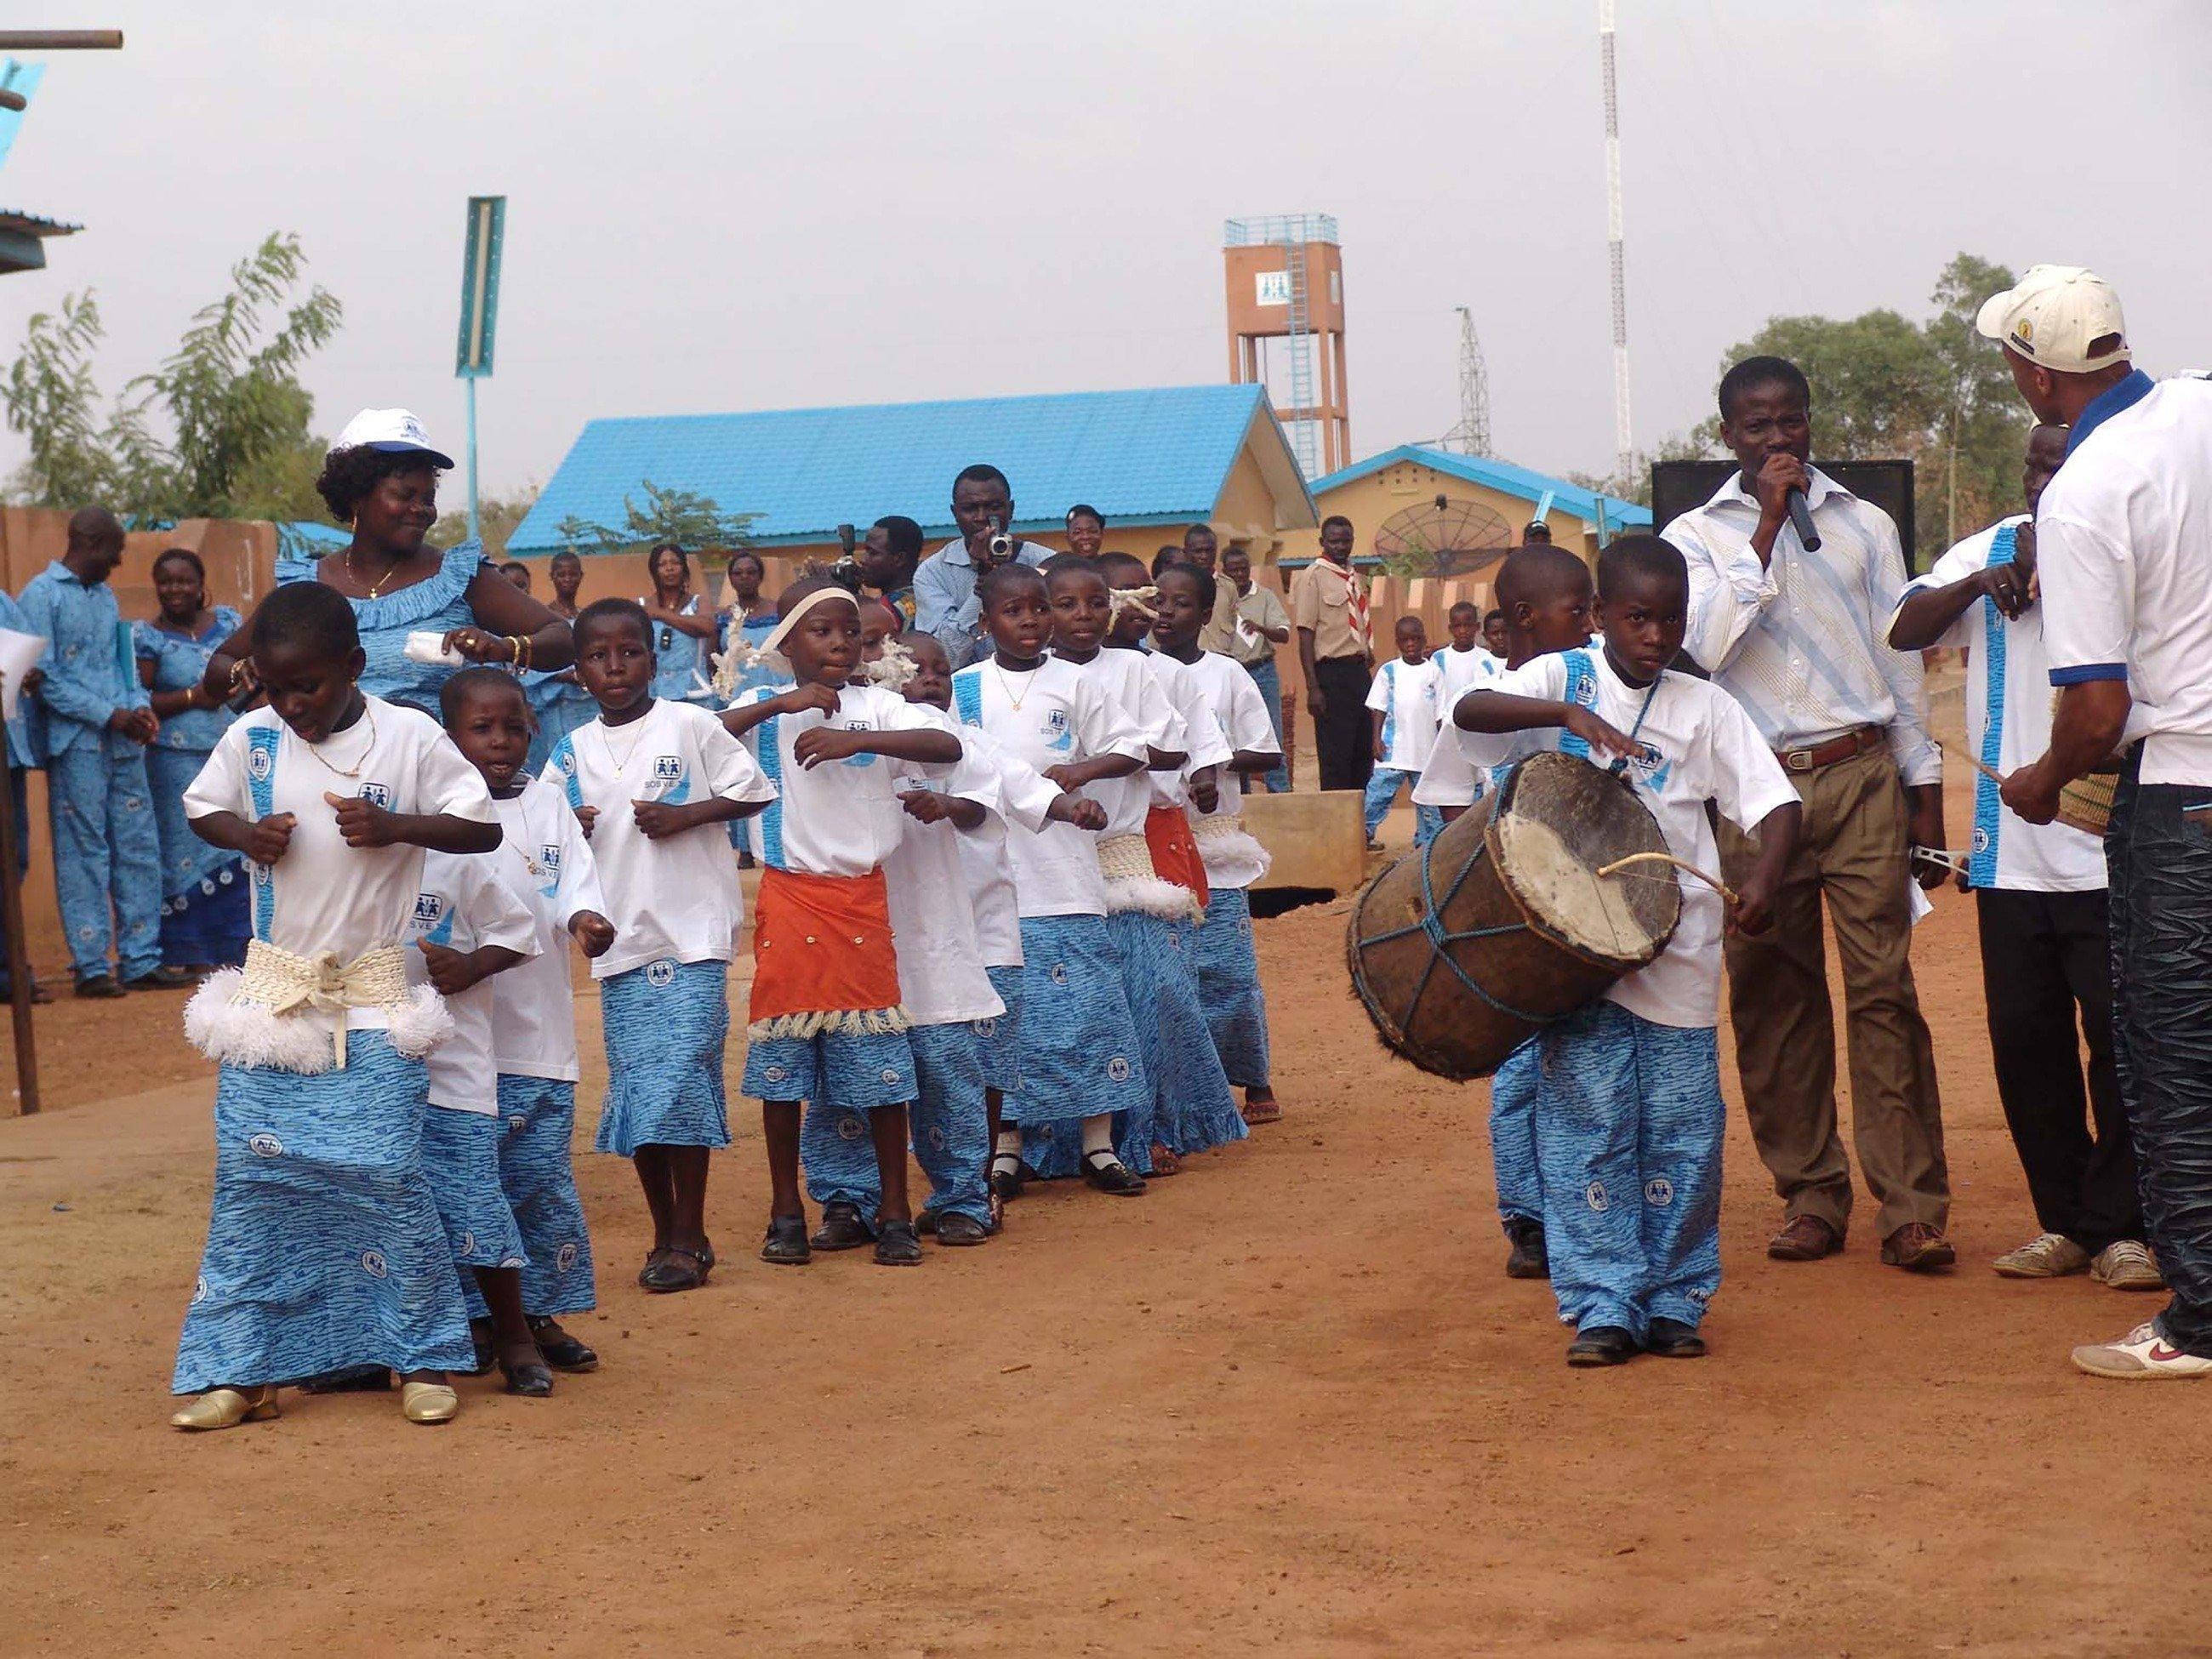 Mehrere Kinder mit der selben Uniform spielen auf Musikinstrumenten.